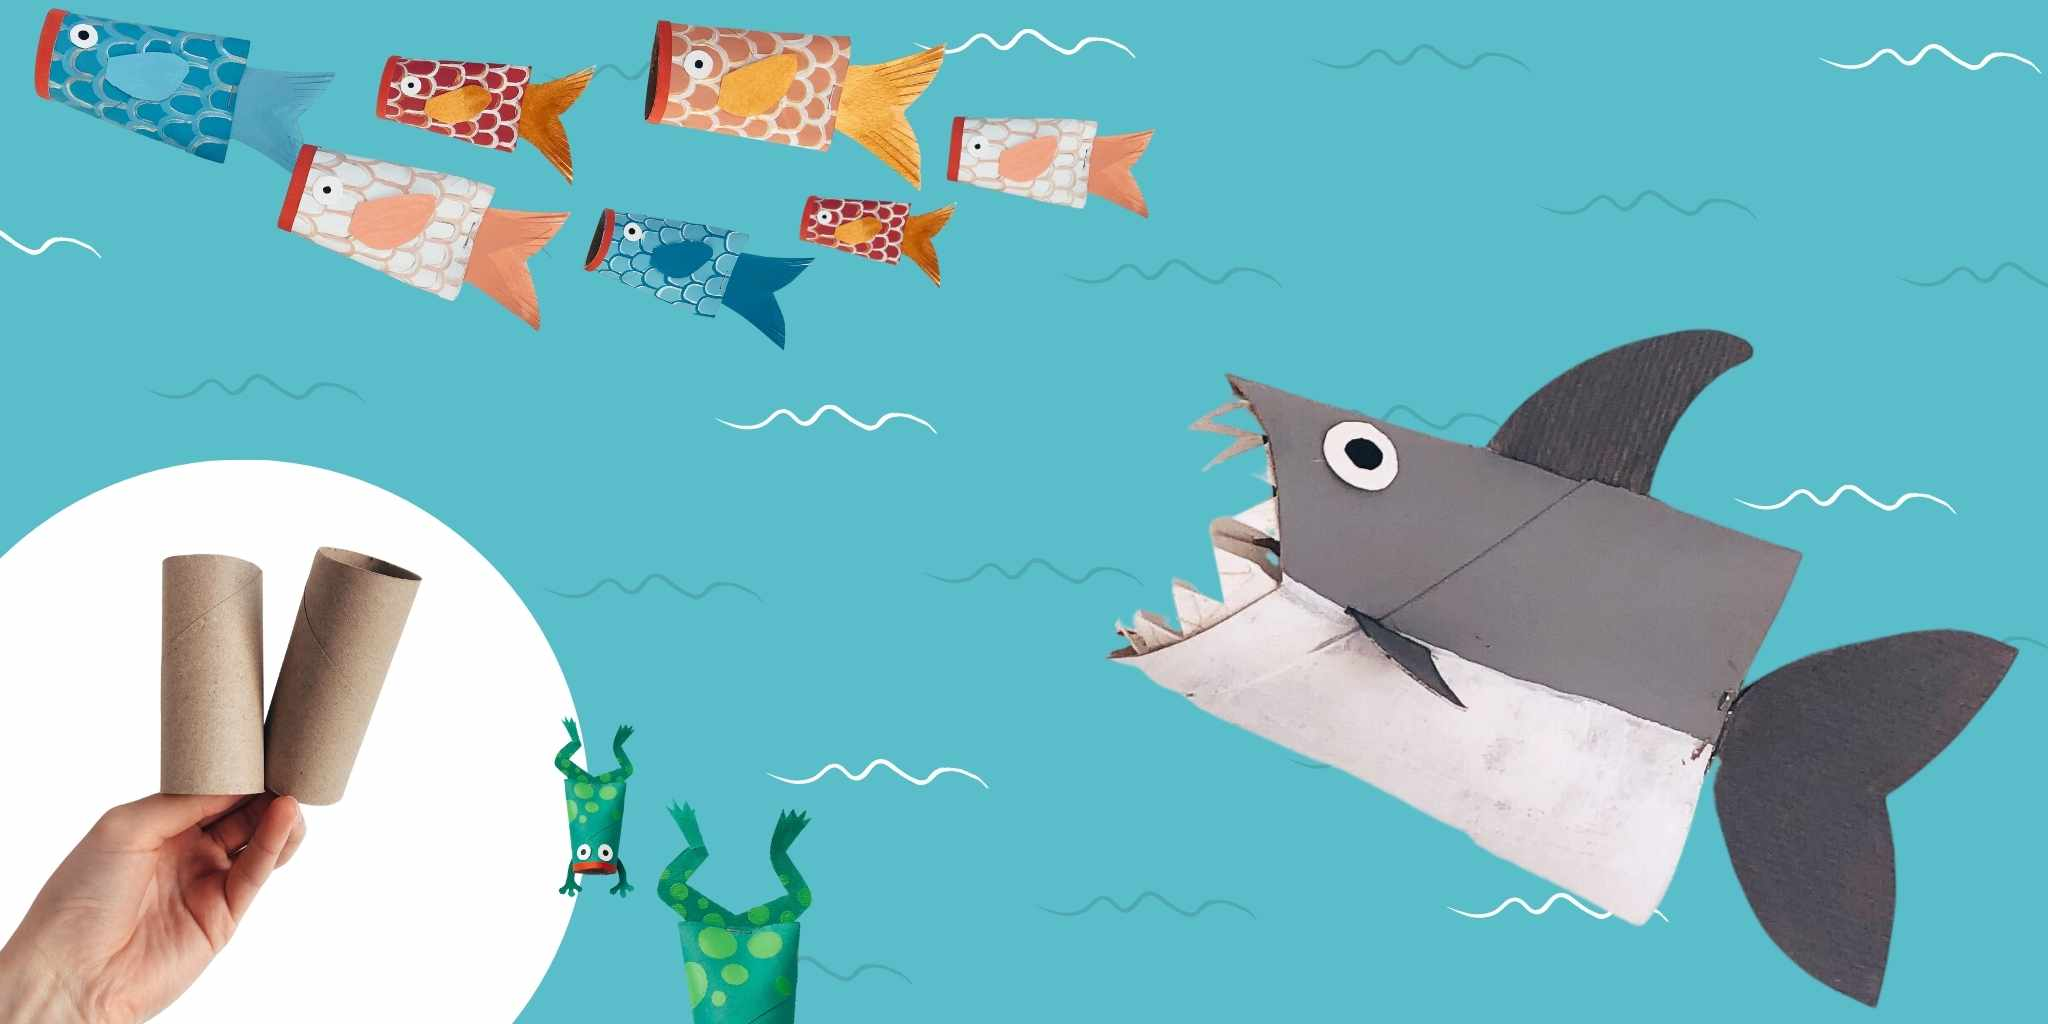 Manualidades de Animales Marinos para niños: Tiburón, Rana y Pez